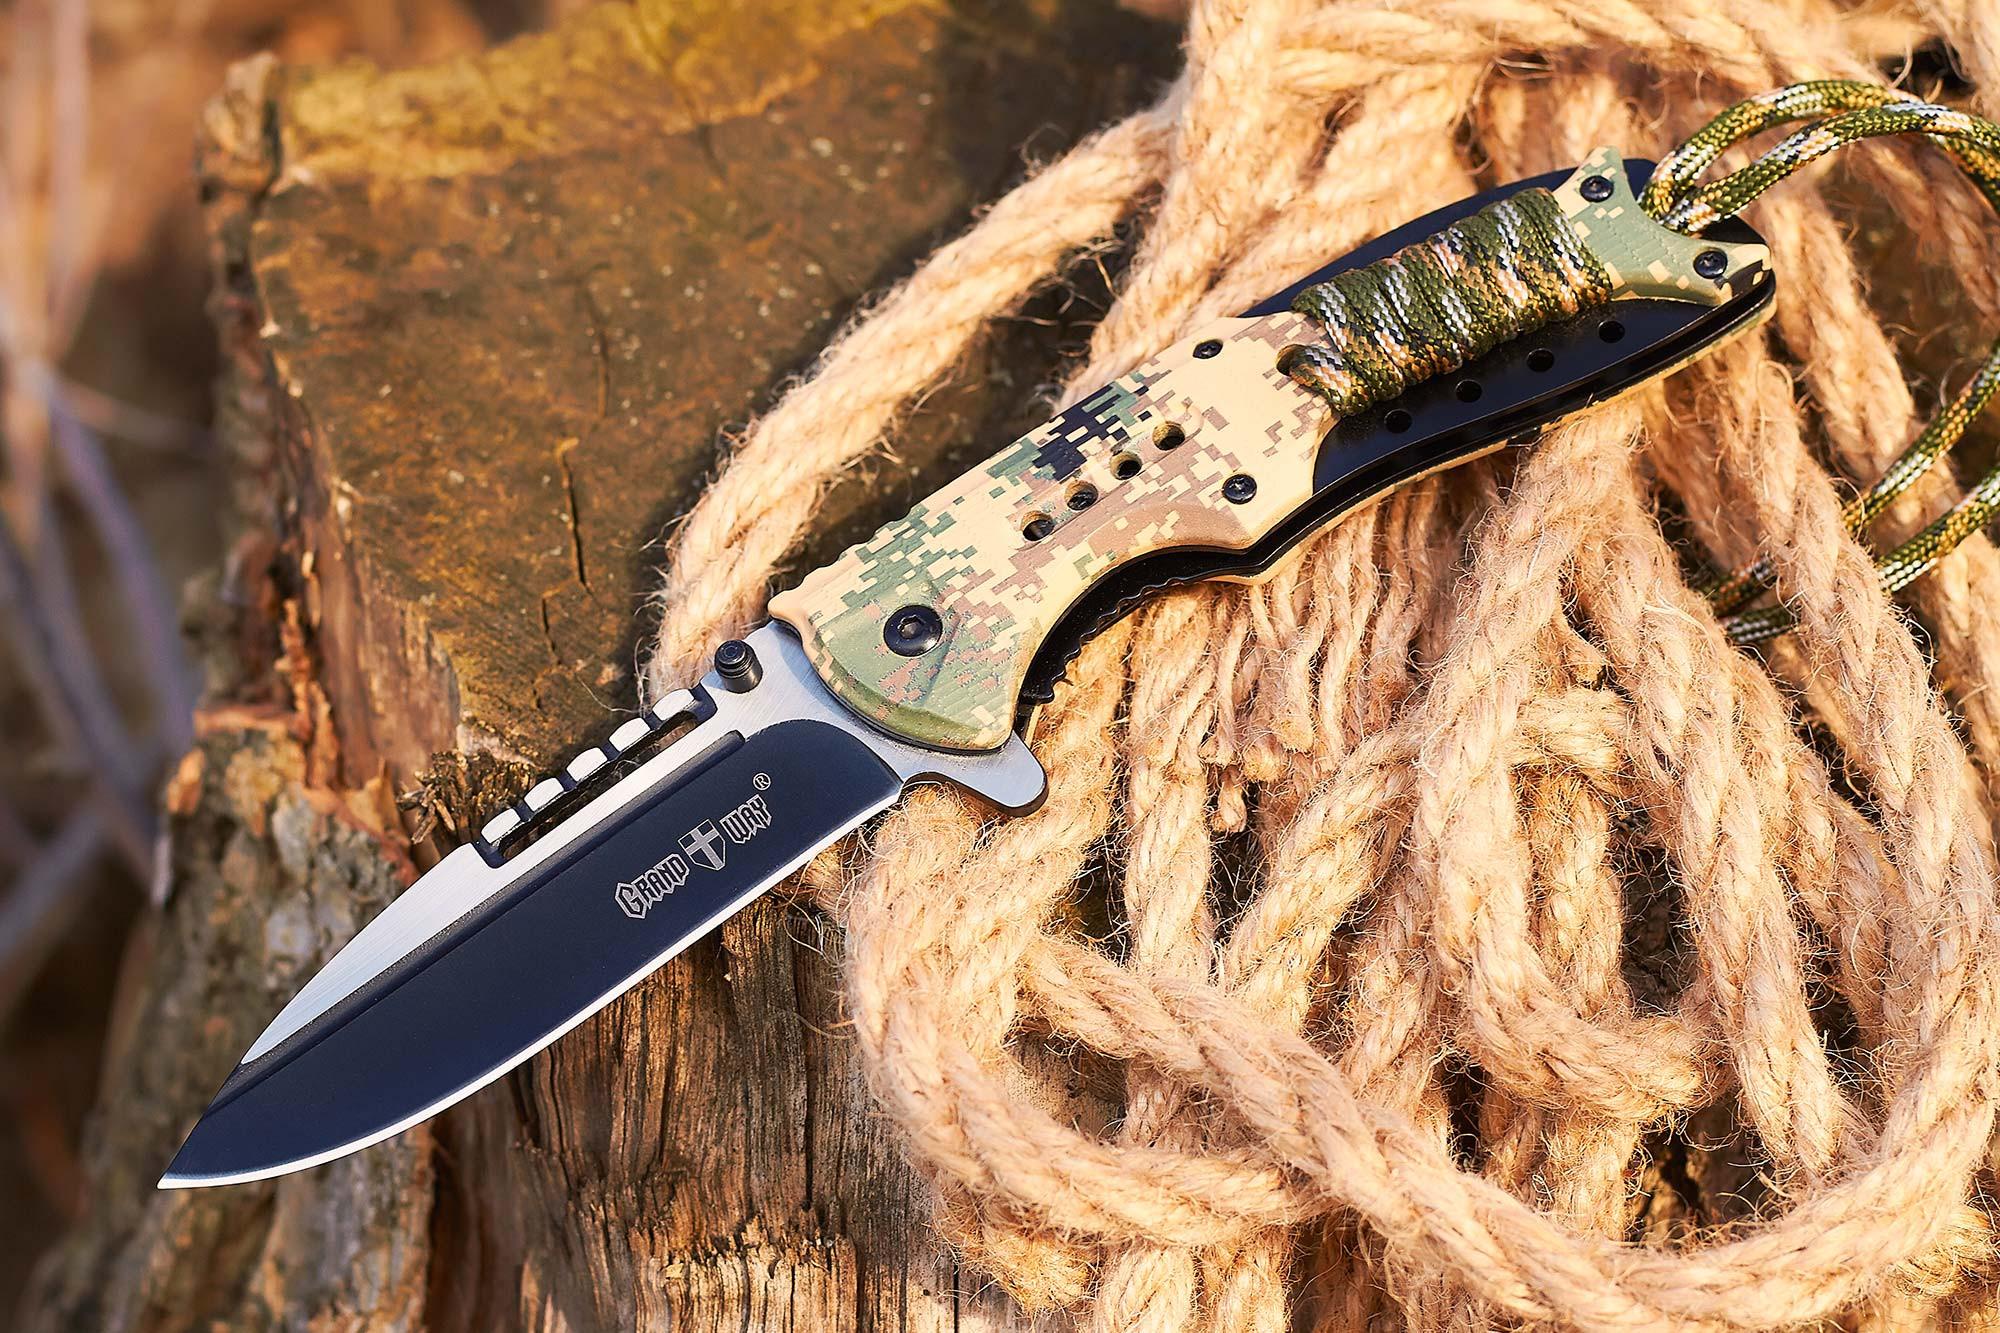 Качественный складной нож Grand Way (товар и фото магазина https://grandway.ua/)